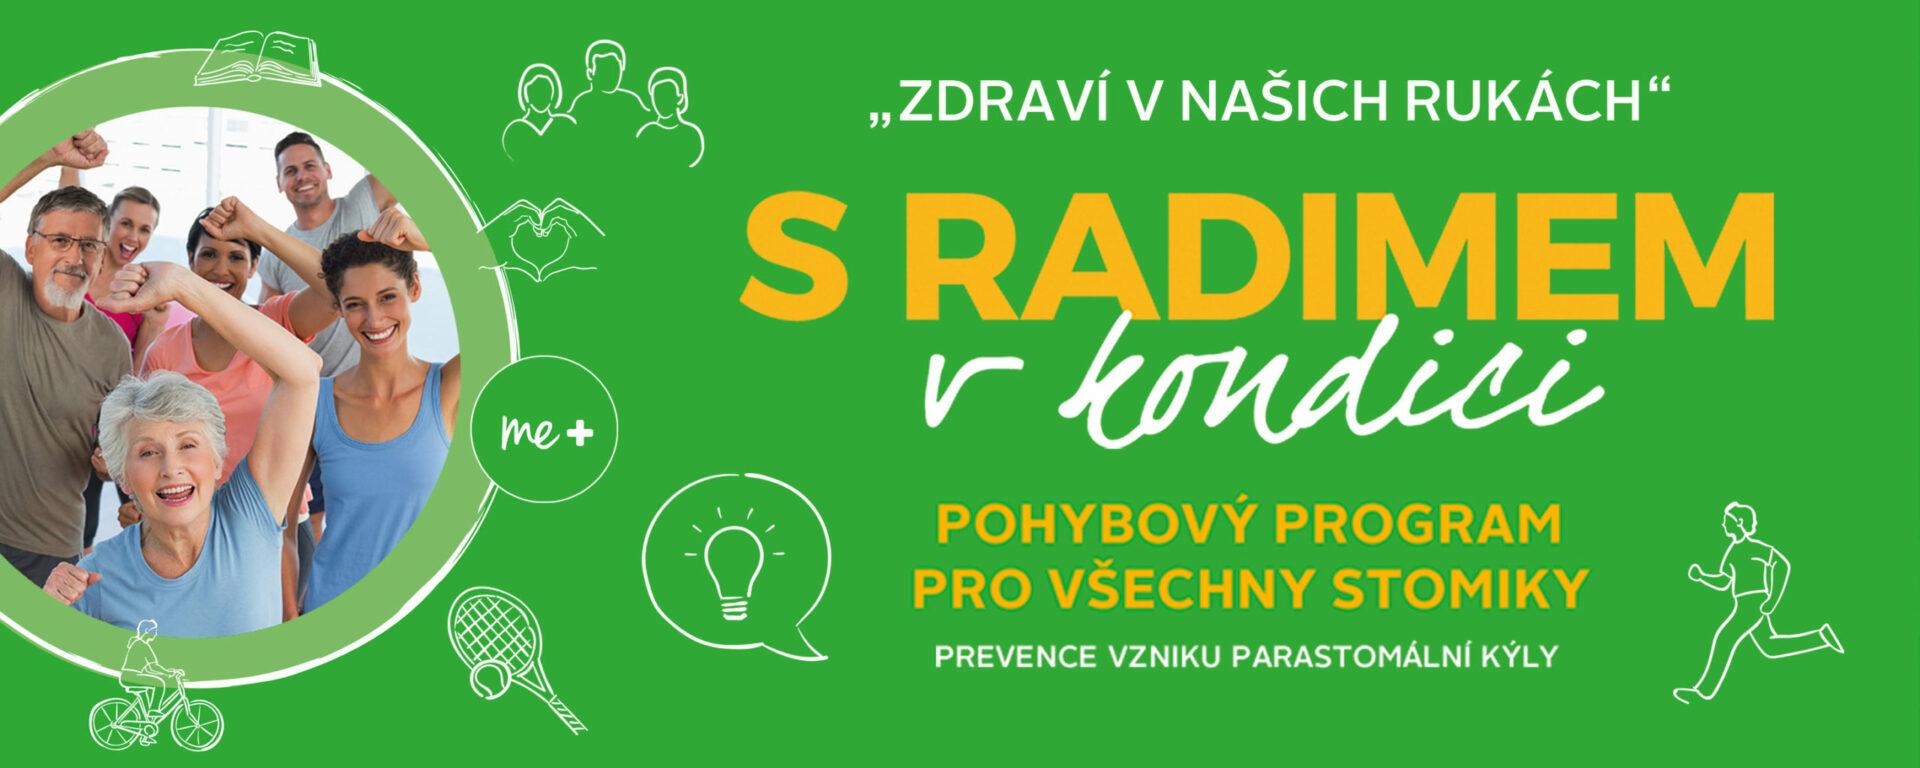 Banner: S Radimem v kondici – pohybový program pro všechny stomiky